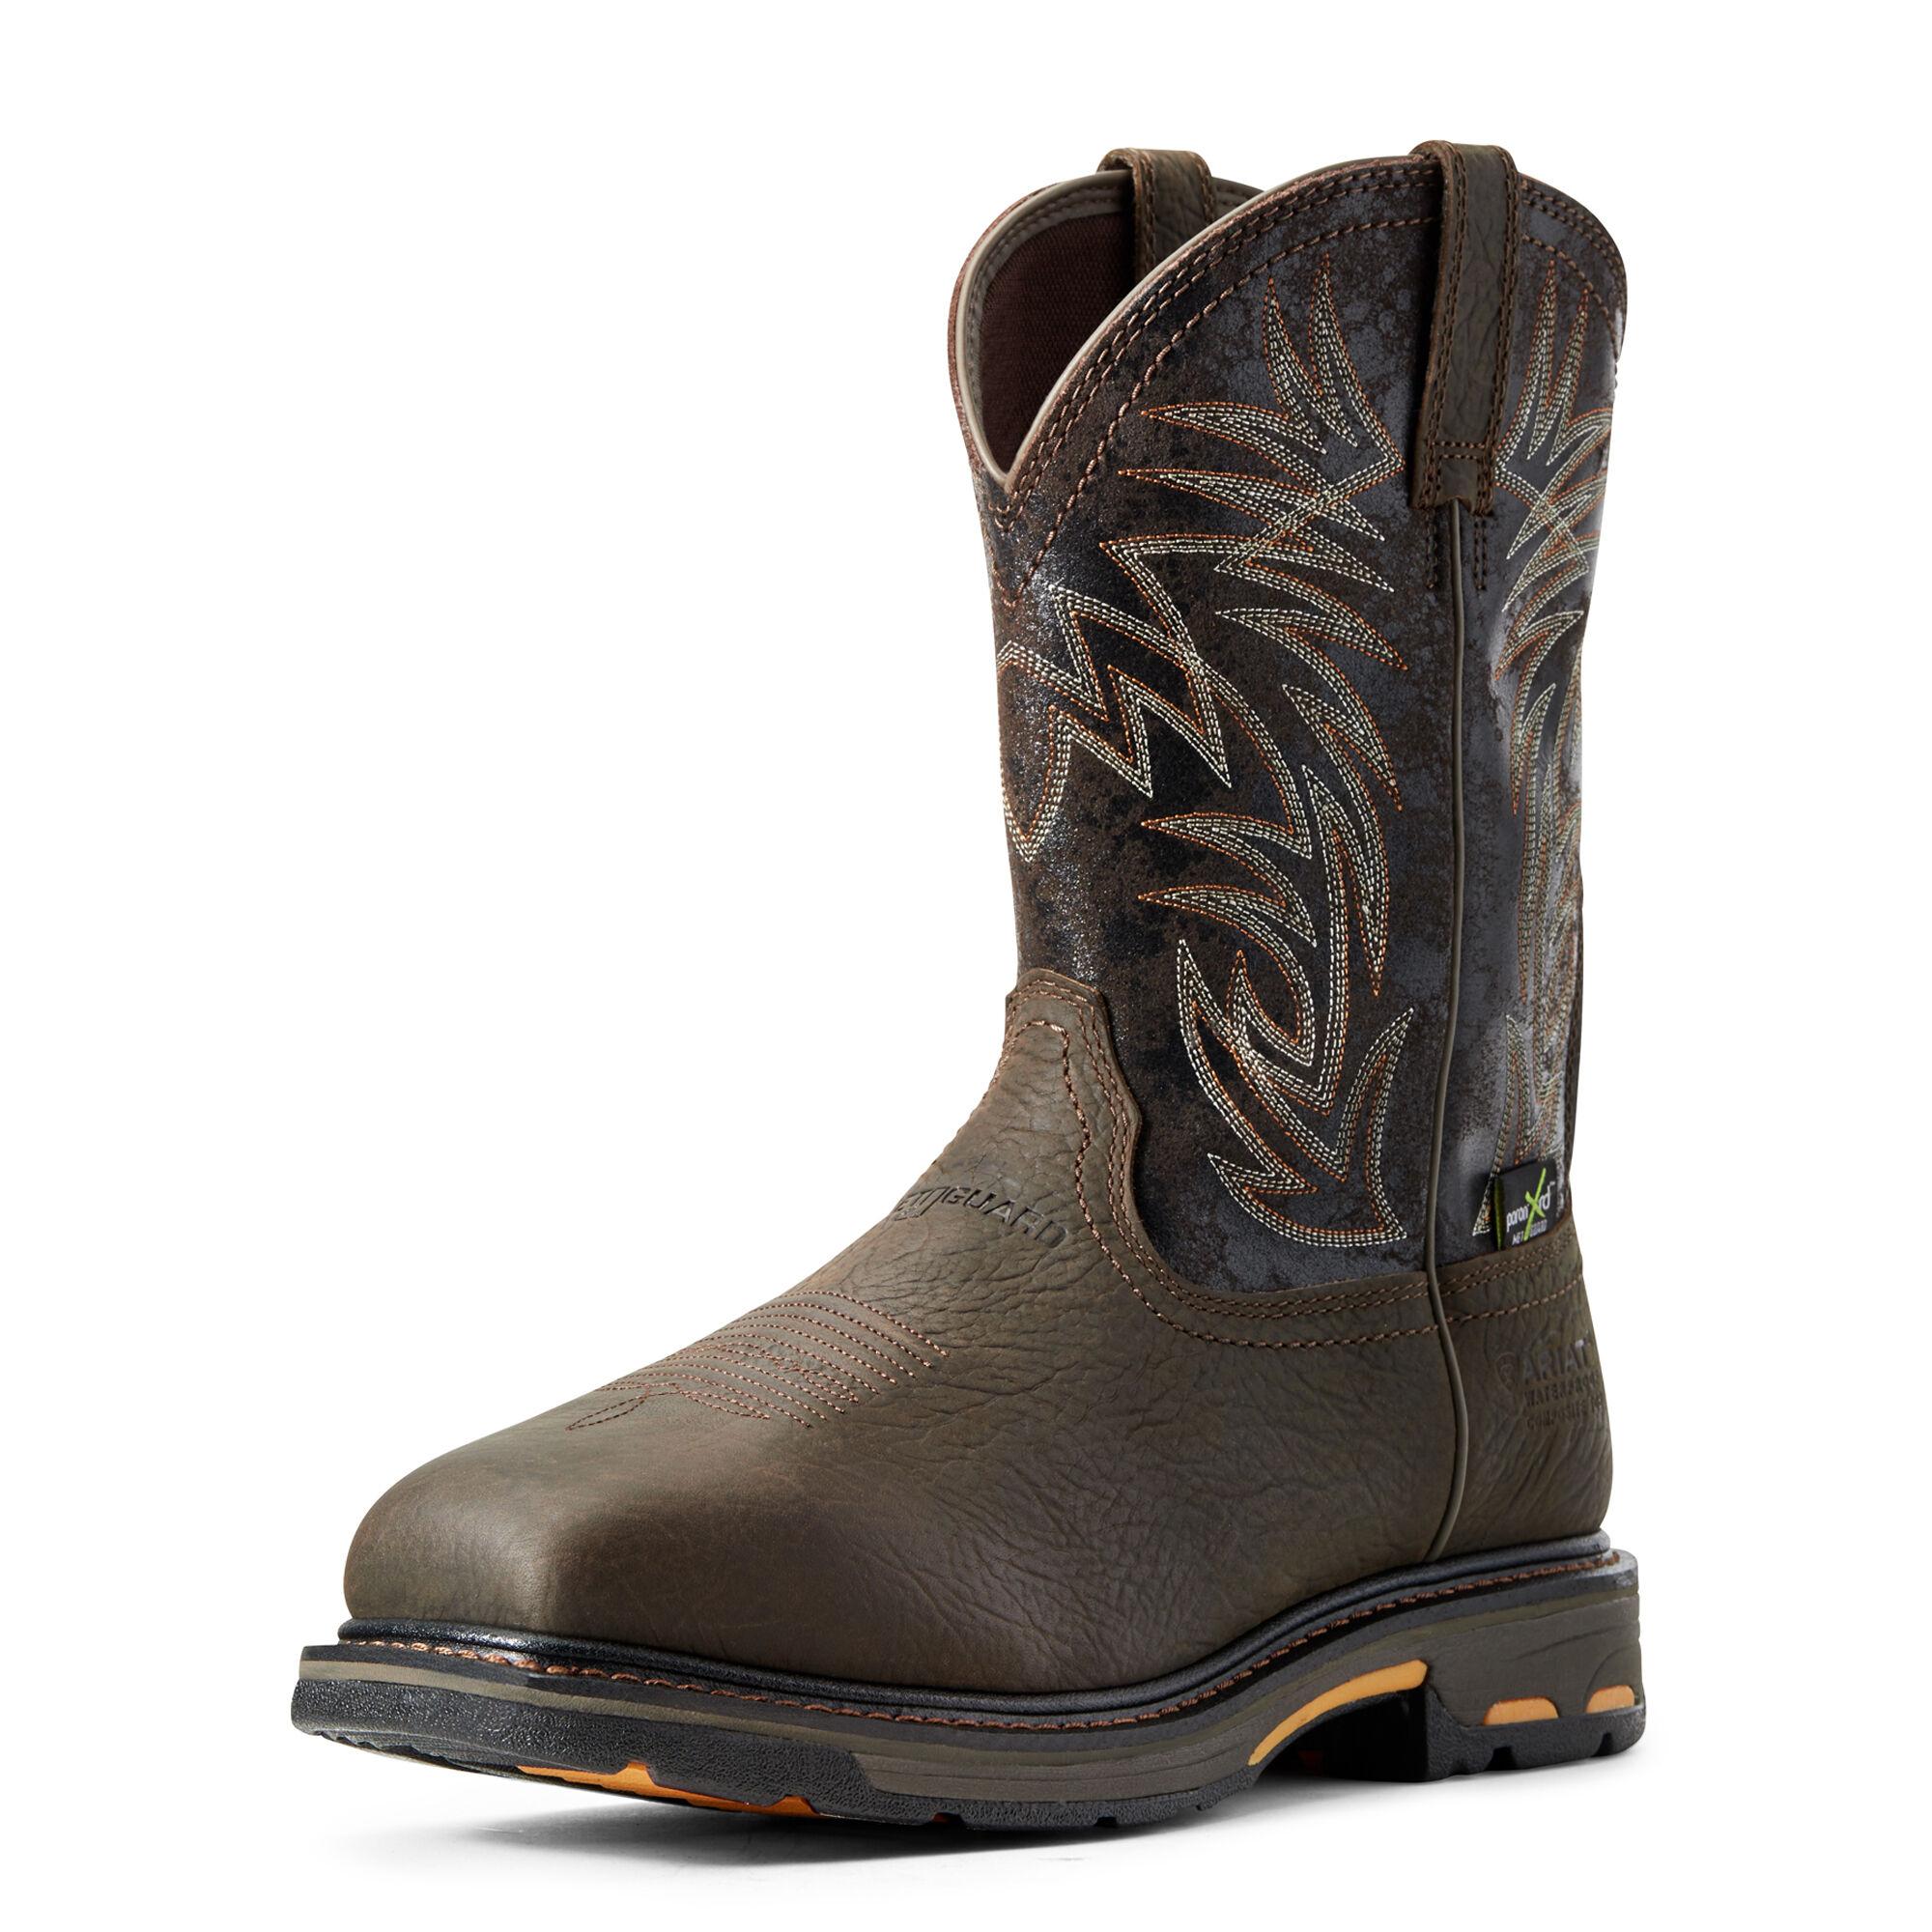 comforter boot shoes extralarge most toe mens rocky ironclad footwear work steel waterproof s men comfortable